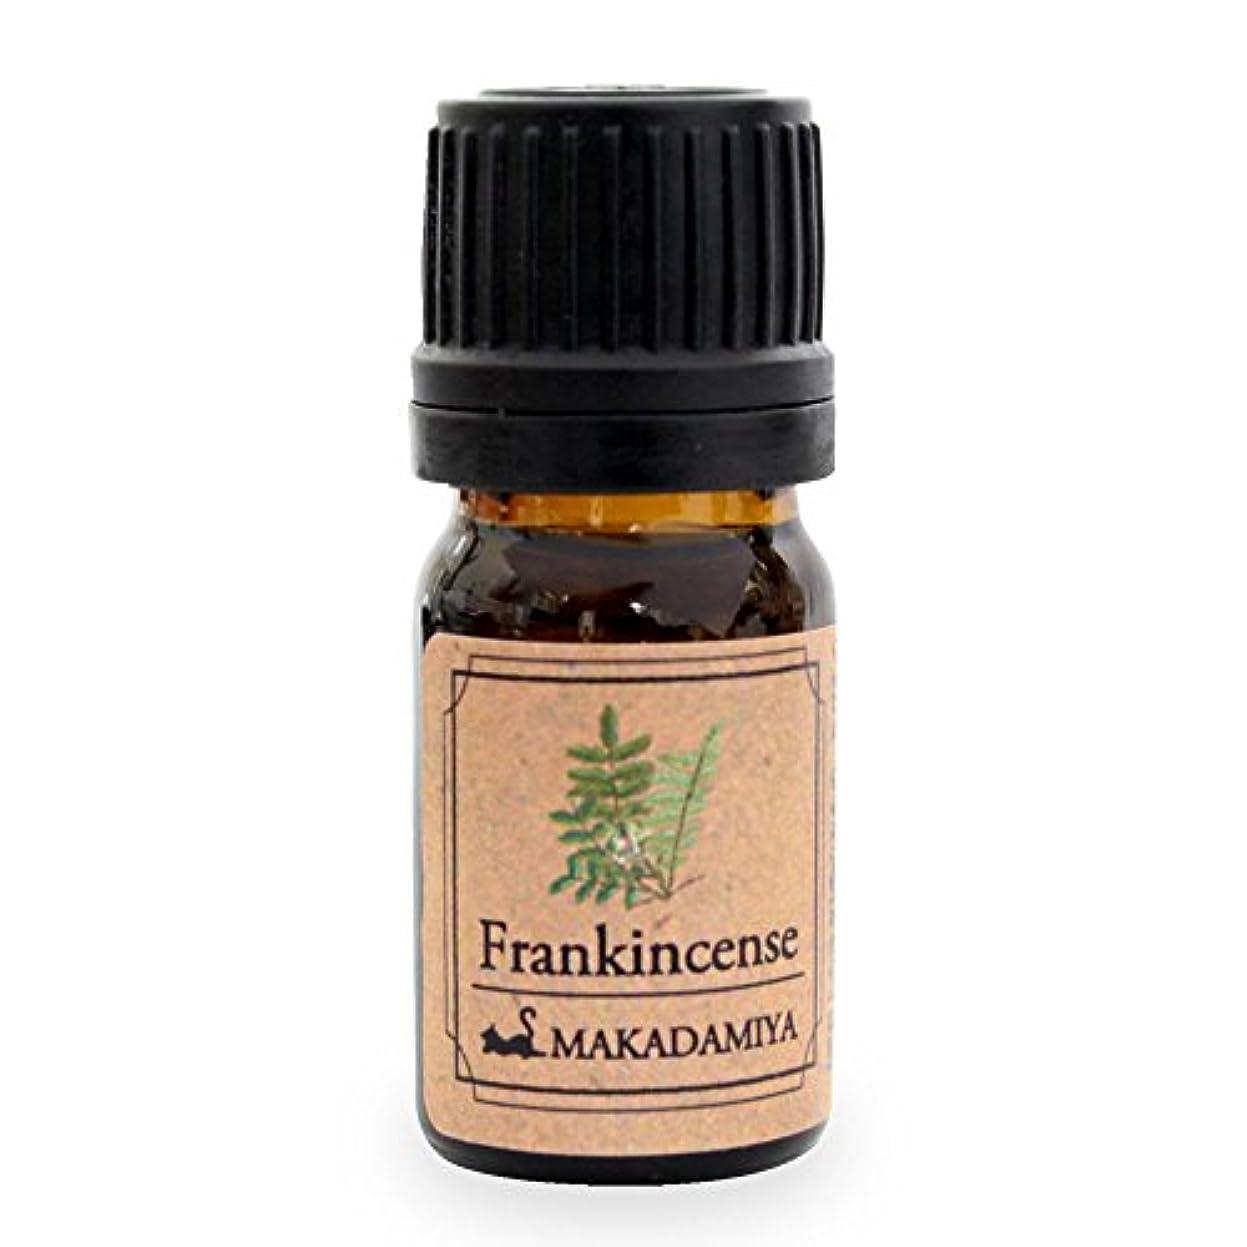 であること引退するボウリングフランキンセンス5ml 天然100%植物性 エッセンシャルオイル(精油) アロマオイル アロママッサージ aroma Frankincense